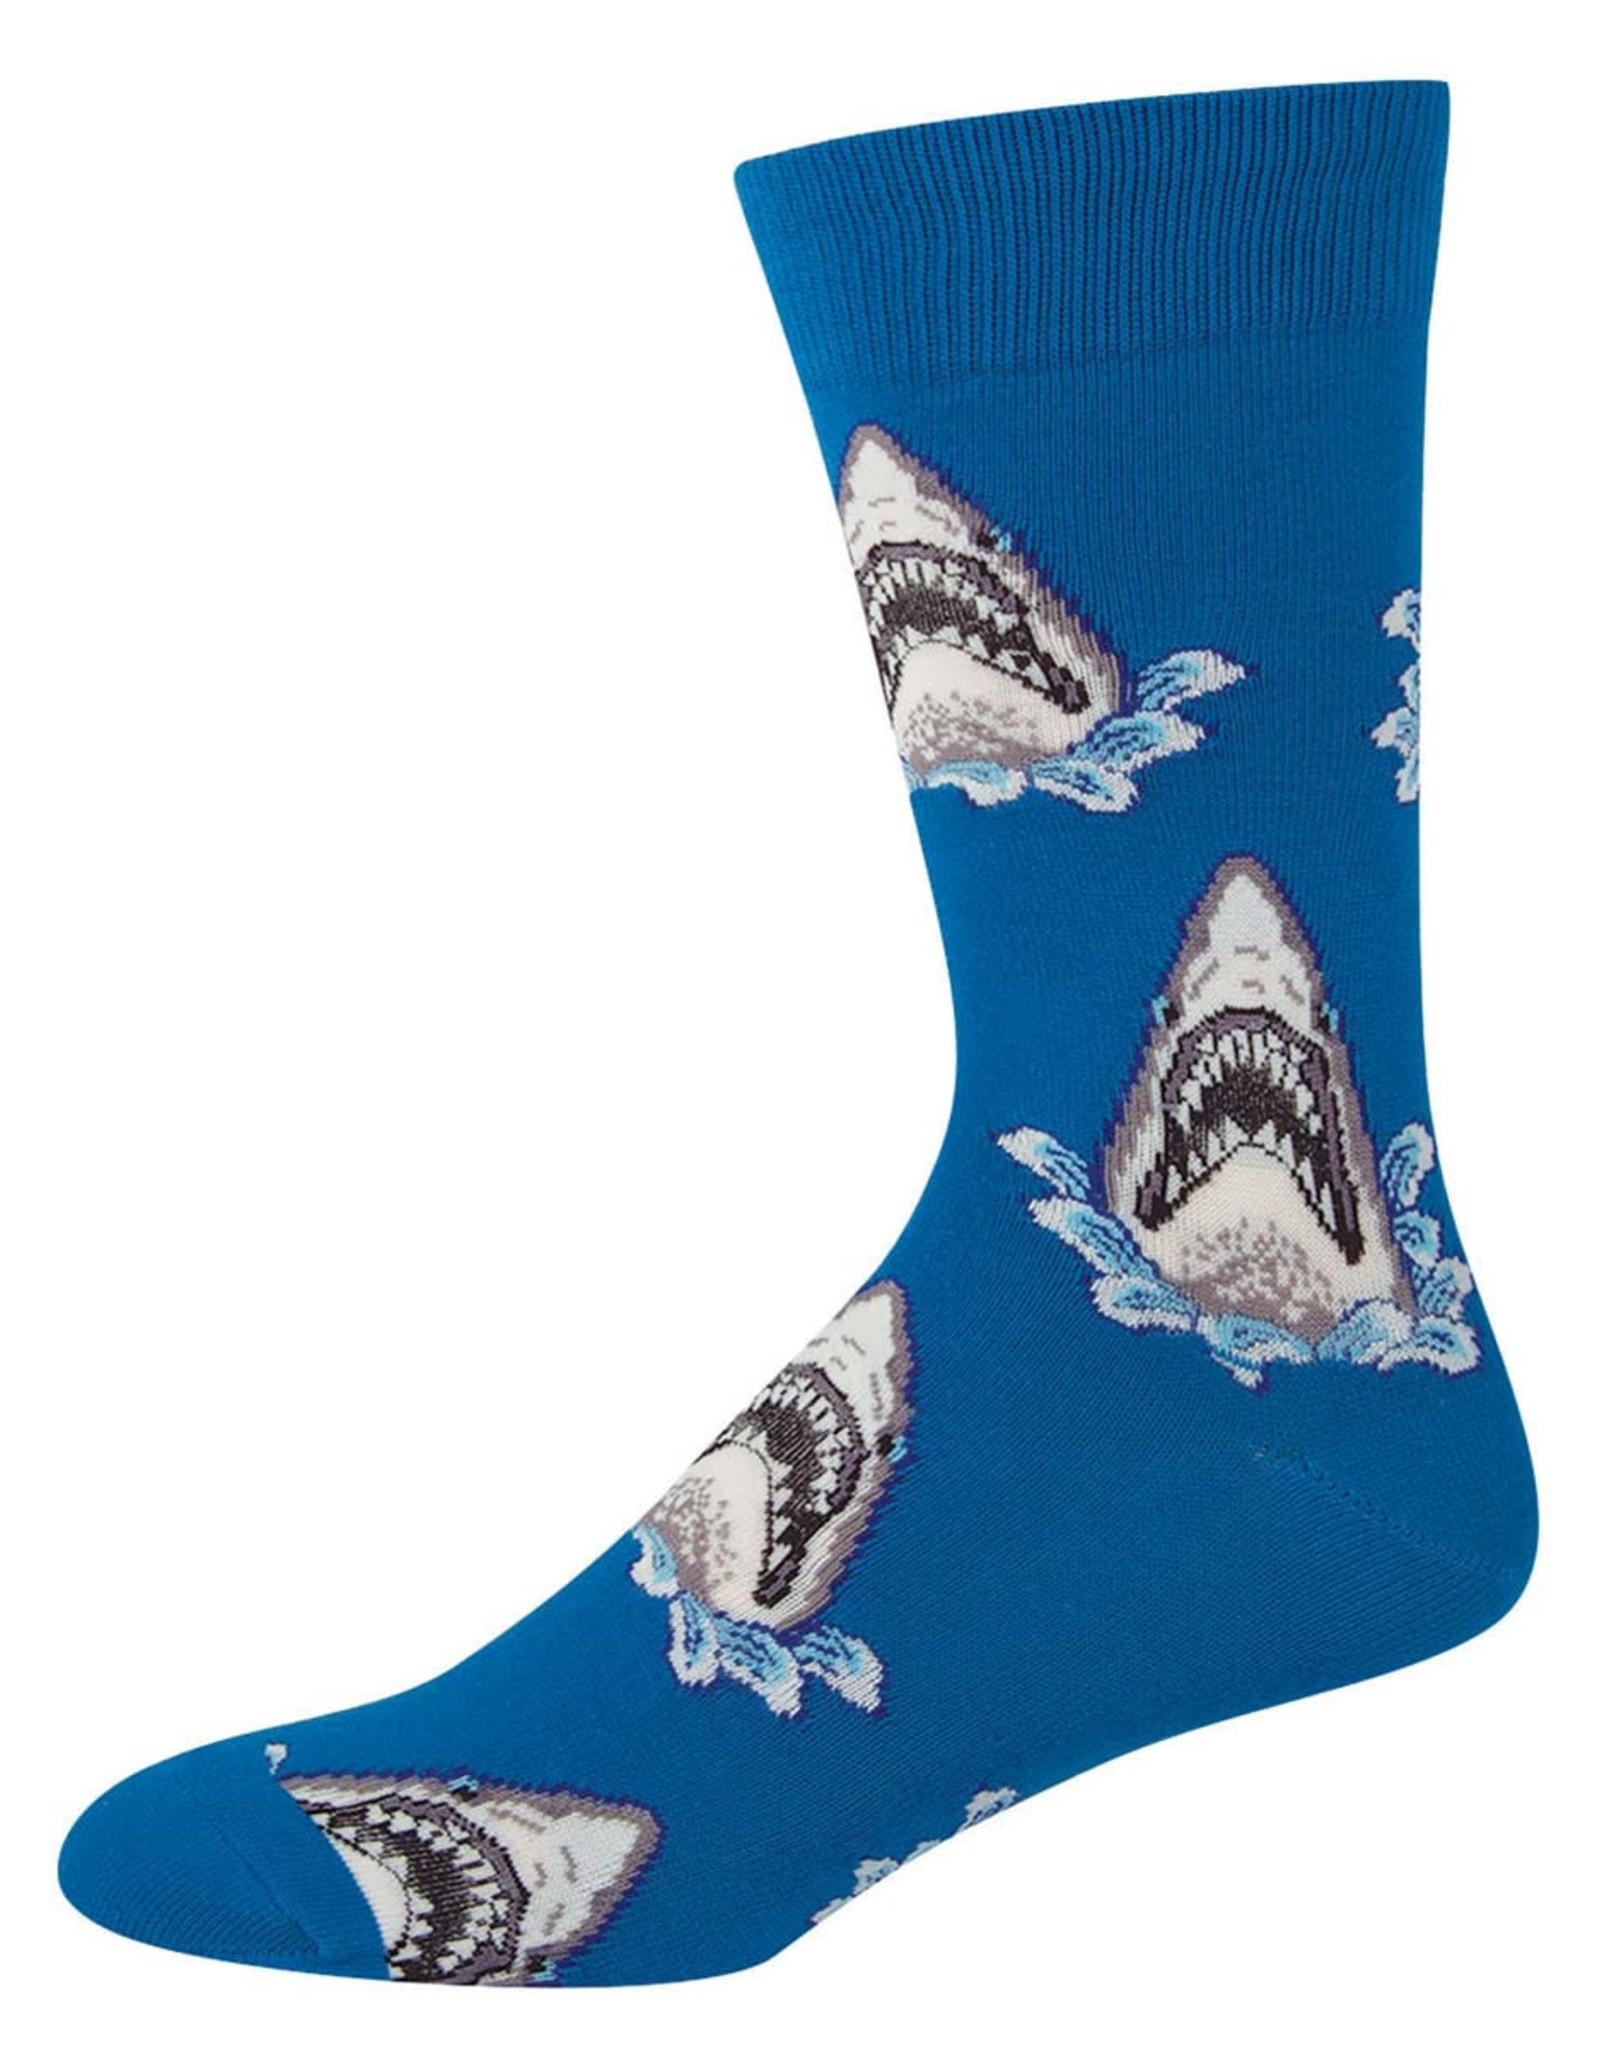 Socksmith Men's Shark Attack Blue Socks